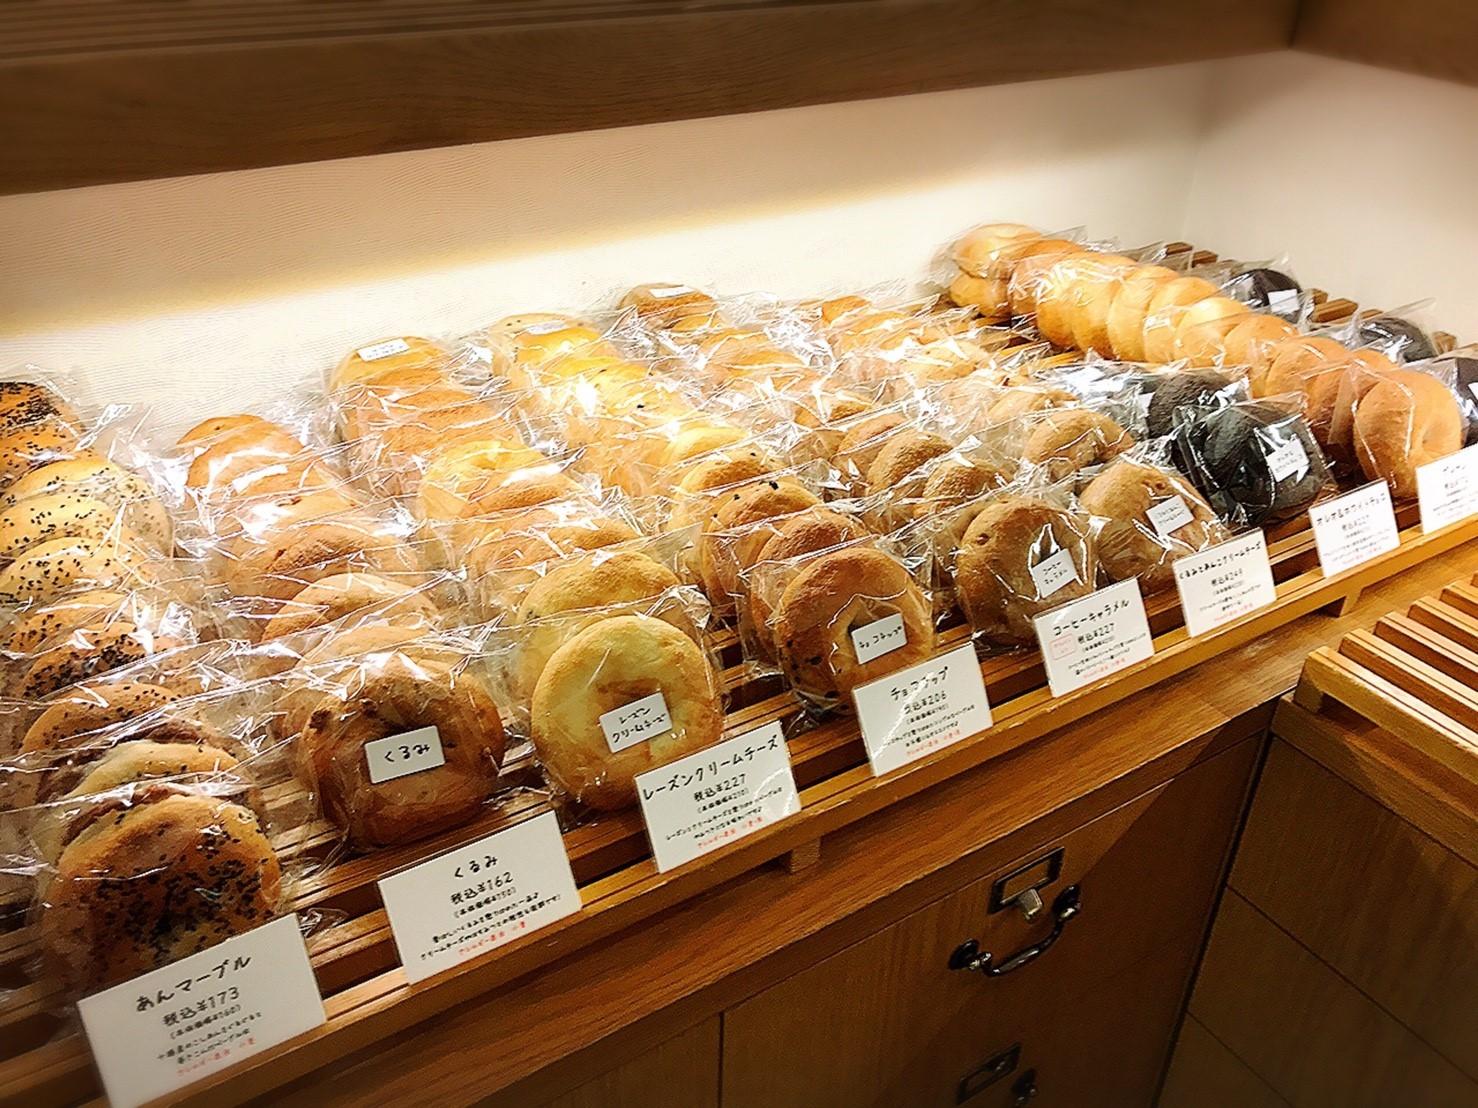 ふわもちパン×こだわりサンド ふわもちさん。/札幌市 厚別区_c0378174_20262120.jpg